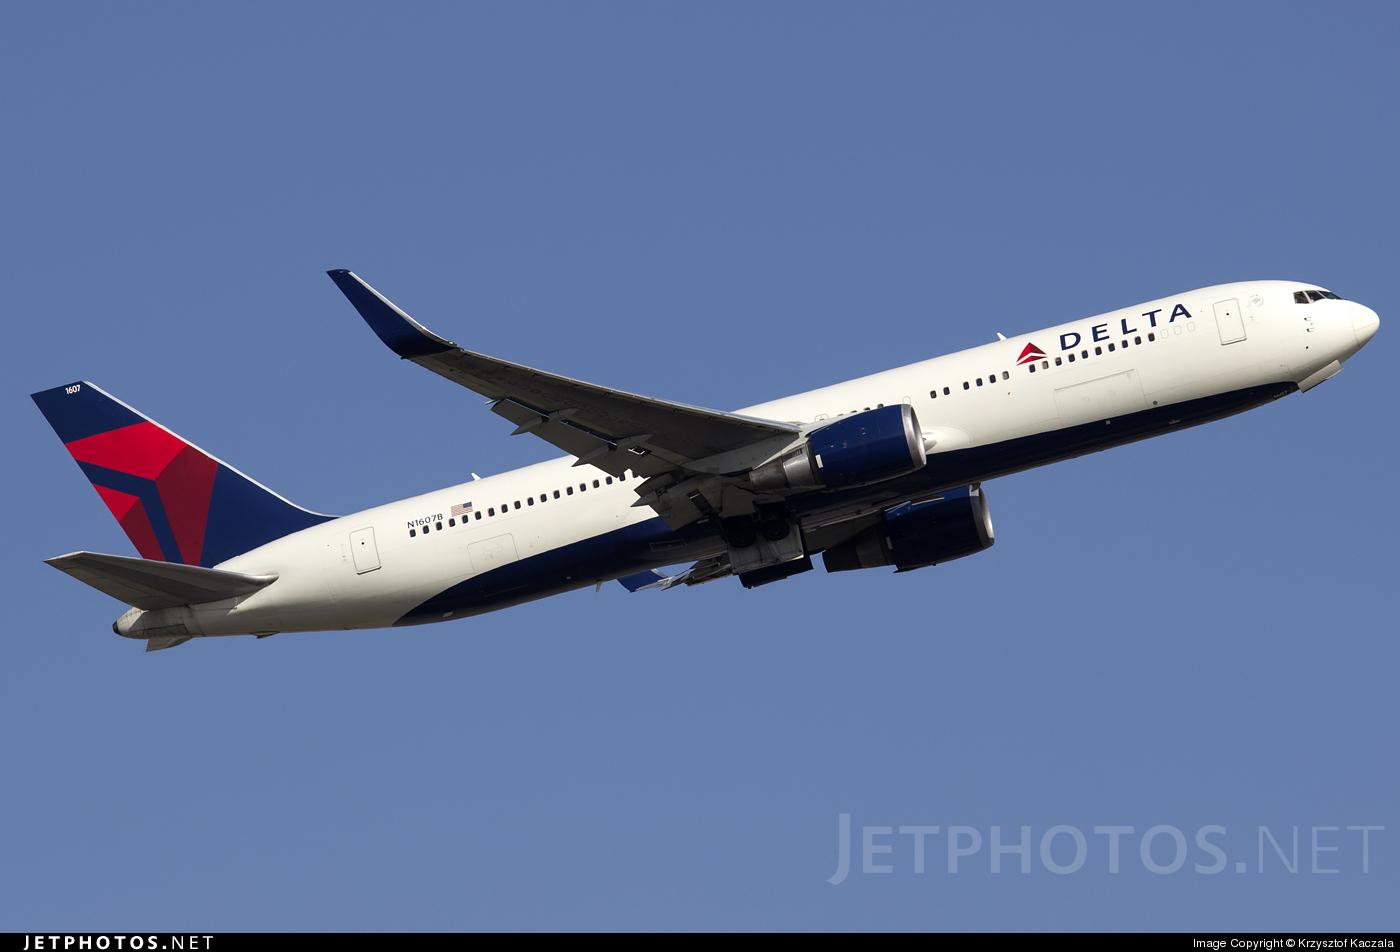 Photo of N1607B Boeing 767-332(ER) by Krzysztof Kaczala